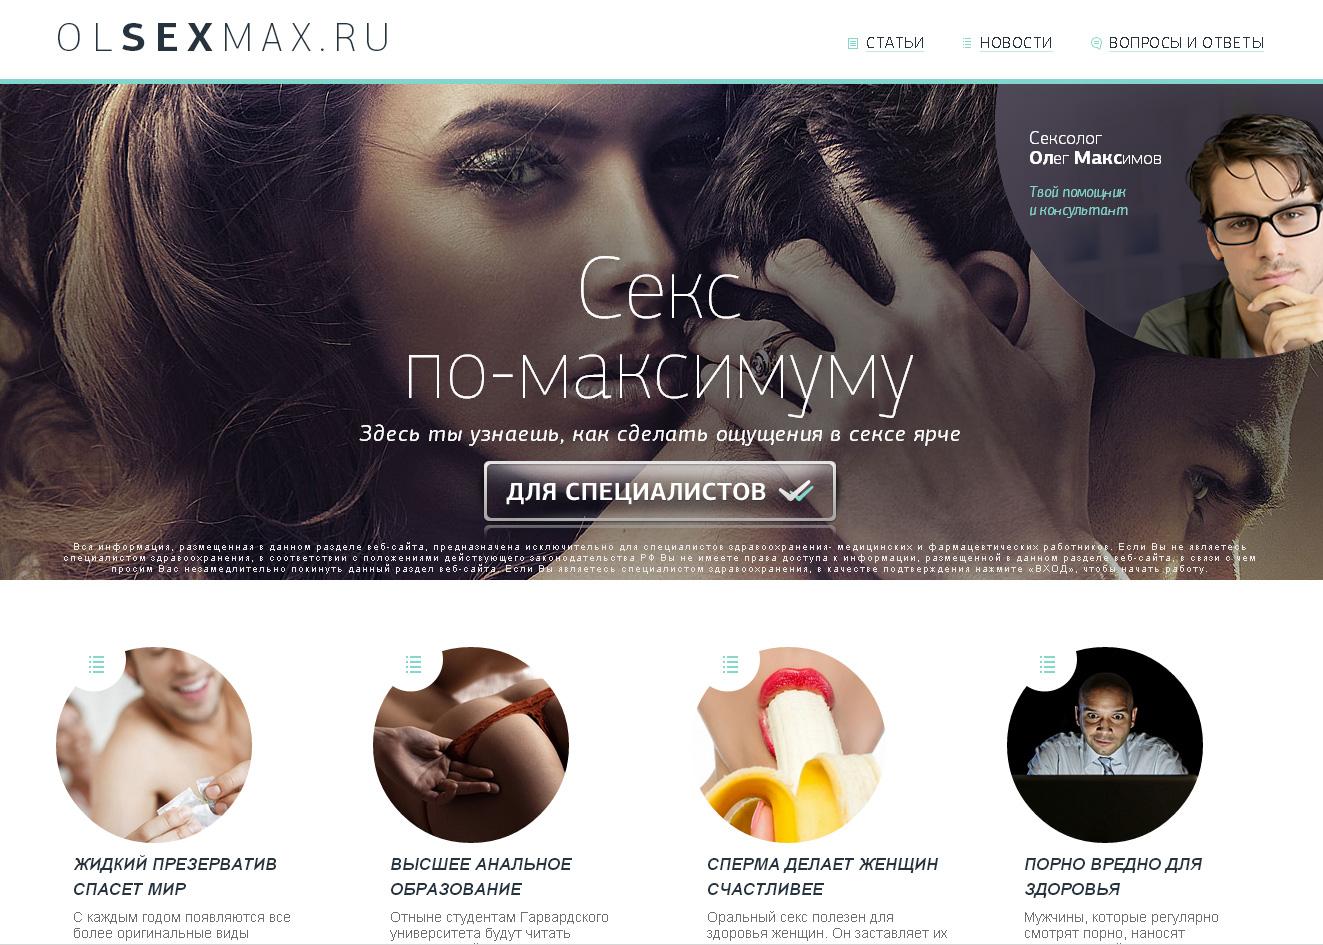 dvoynoe-russkoe-proniknovenie-s-zhenoy-porno